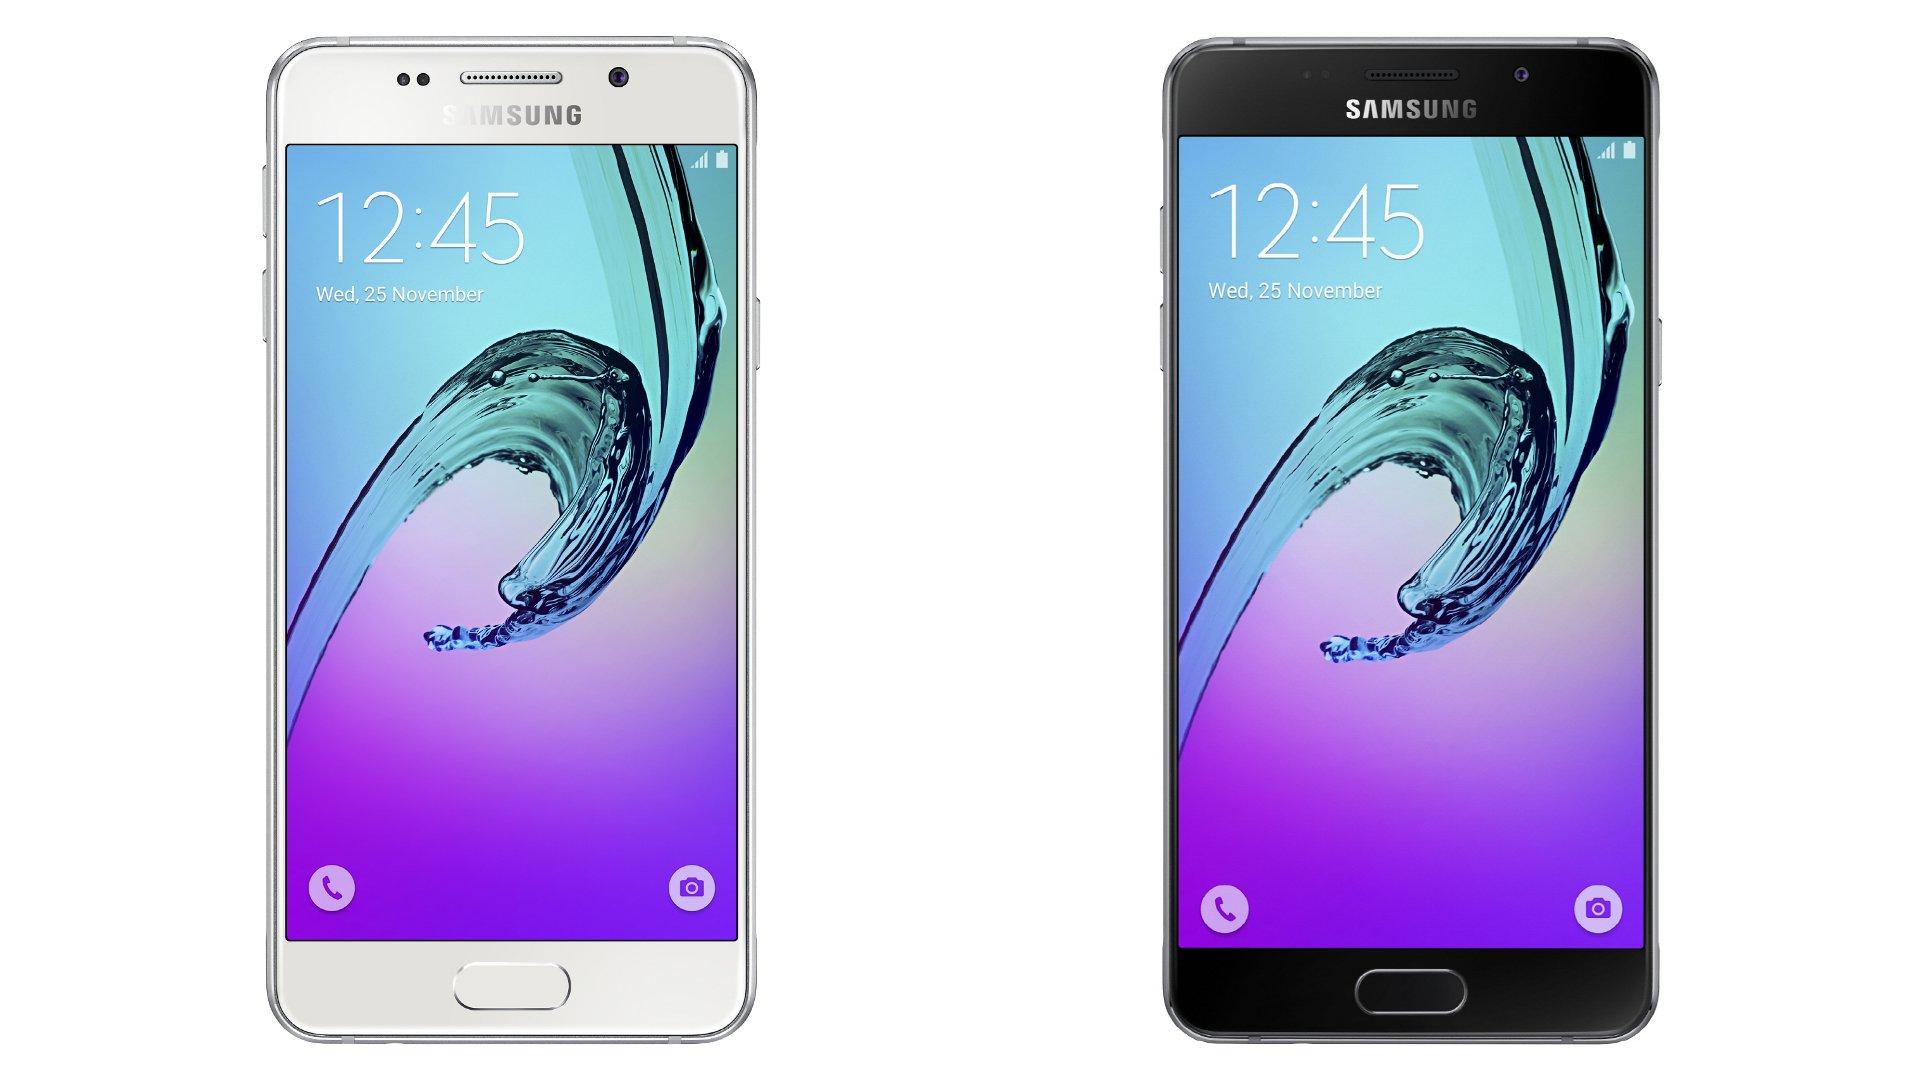 Samsung Galaxy A3 (2016) & Galaxy A5 (2016)